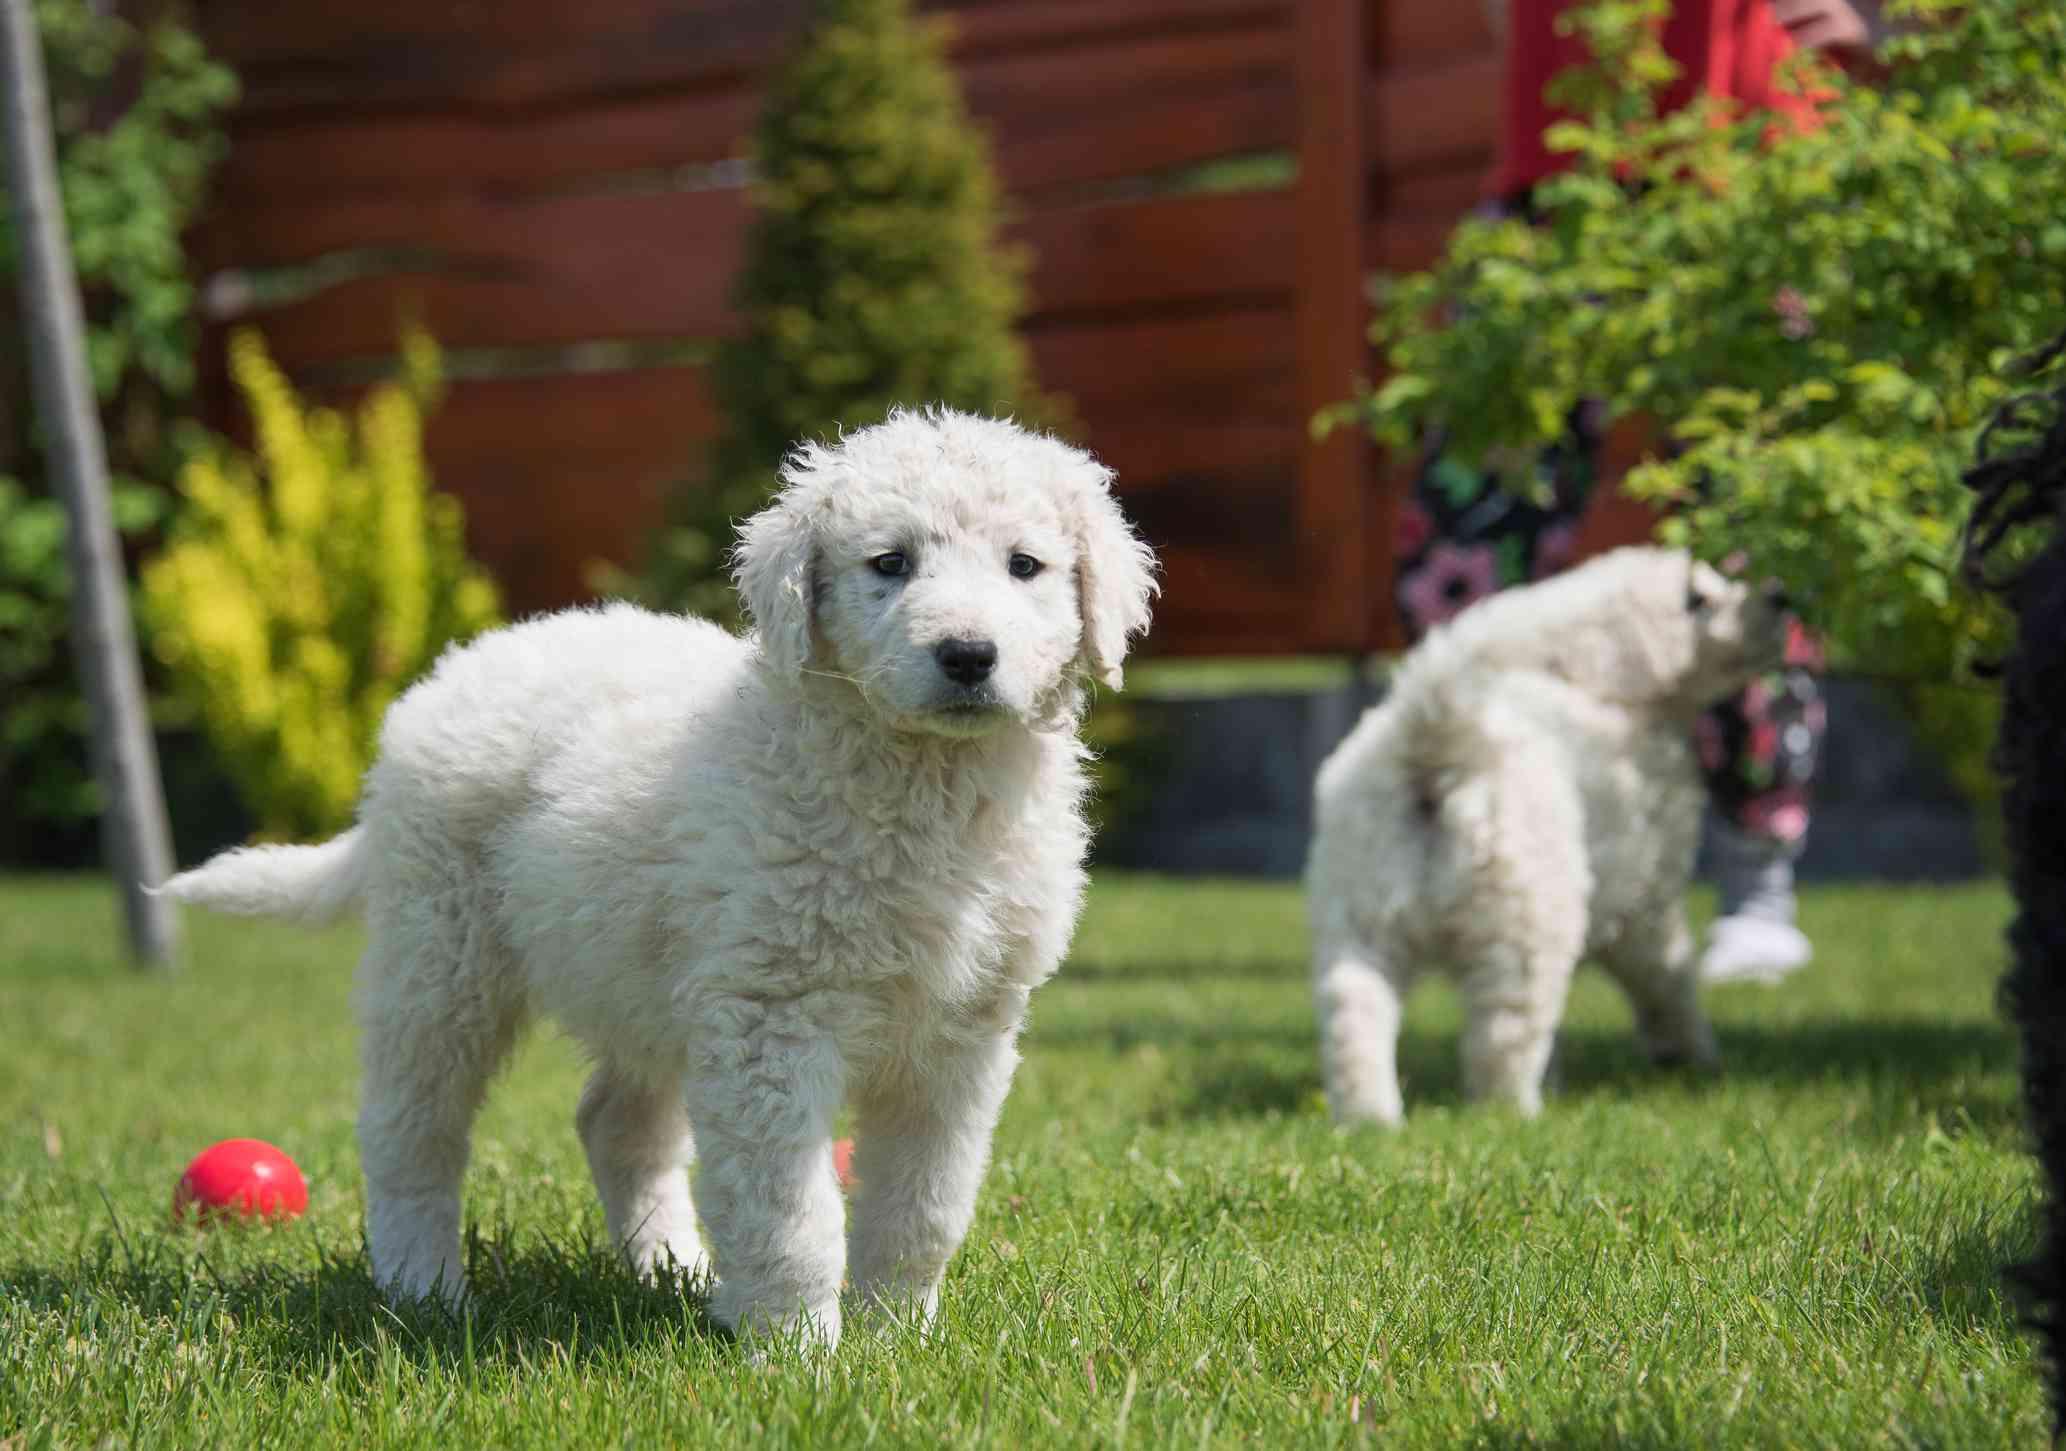 A Kuvasz Puppy